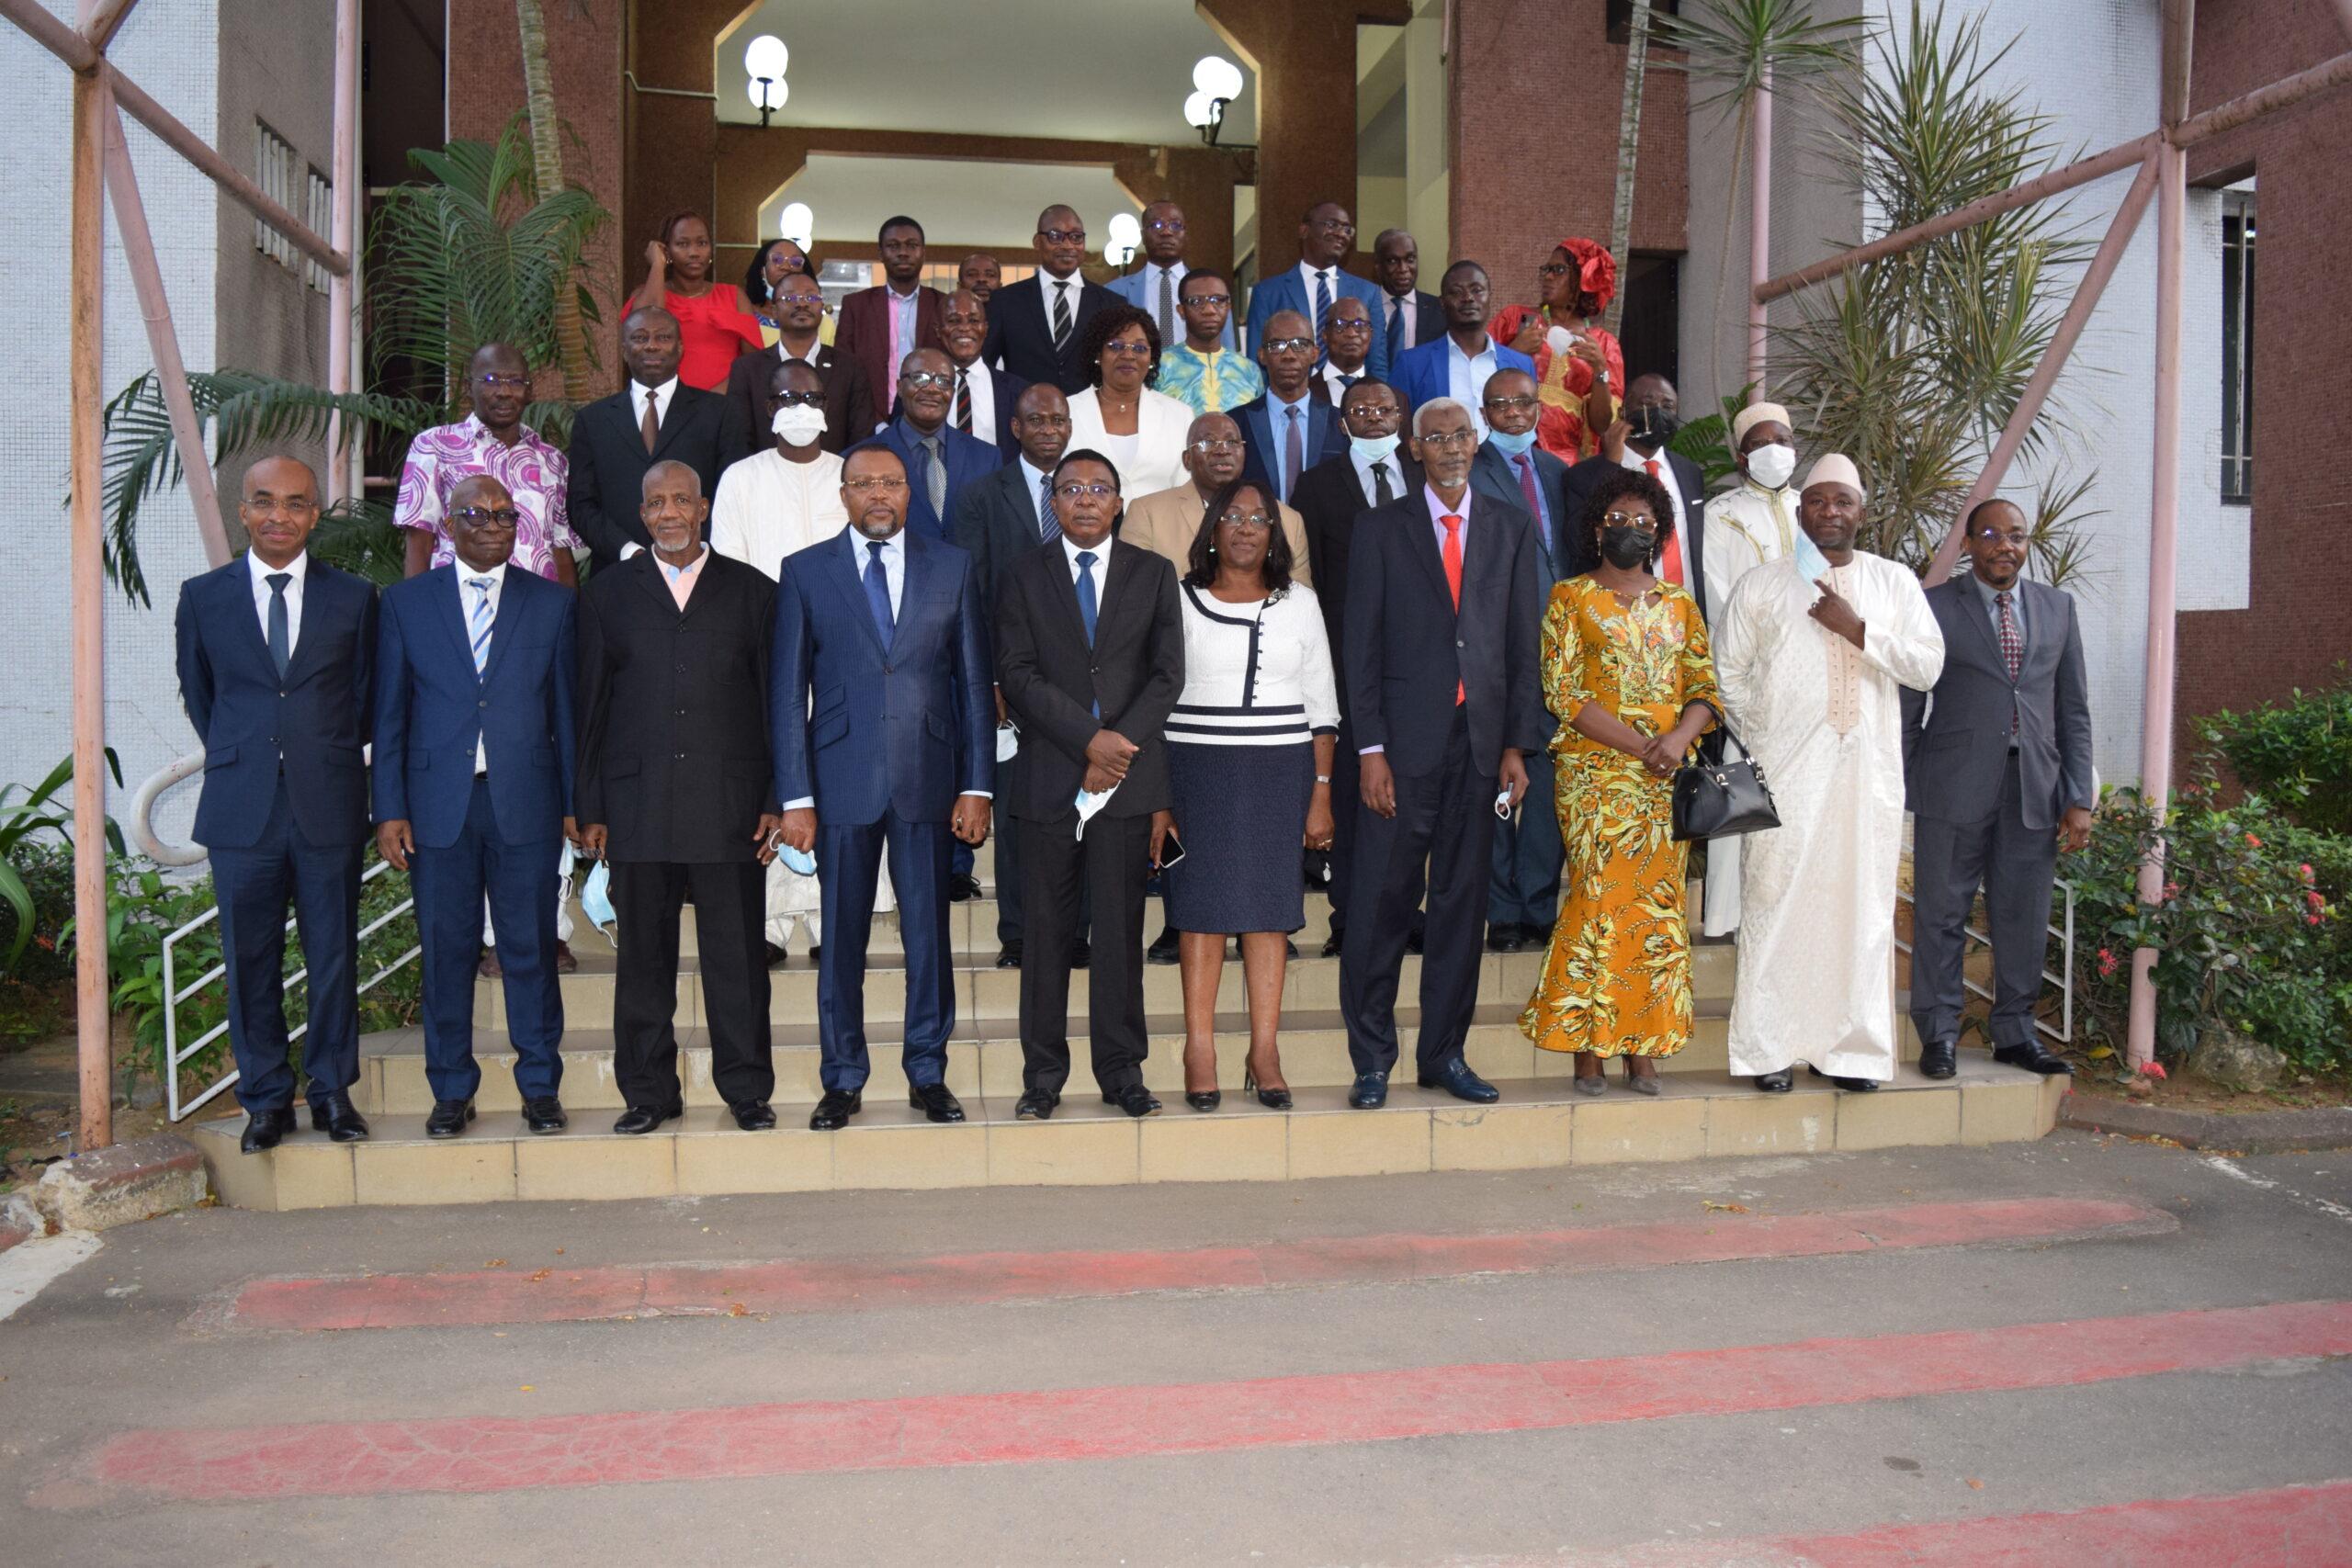 Tournée du Président du Conseil des Ministres de l'OHADA dans les Institutions (Yaoundé, Abidjan et Porto-Novo du 08 au 17 mars  2021)